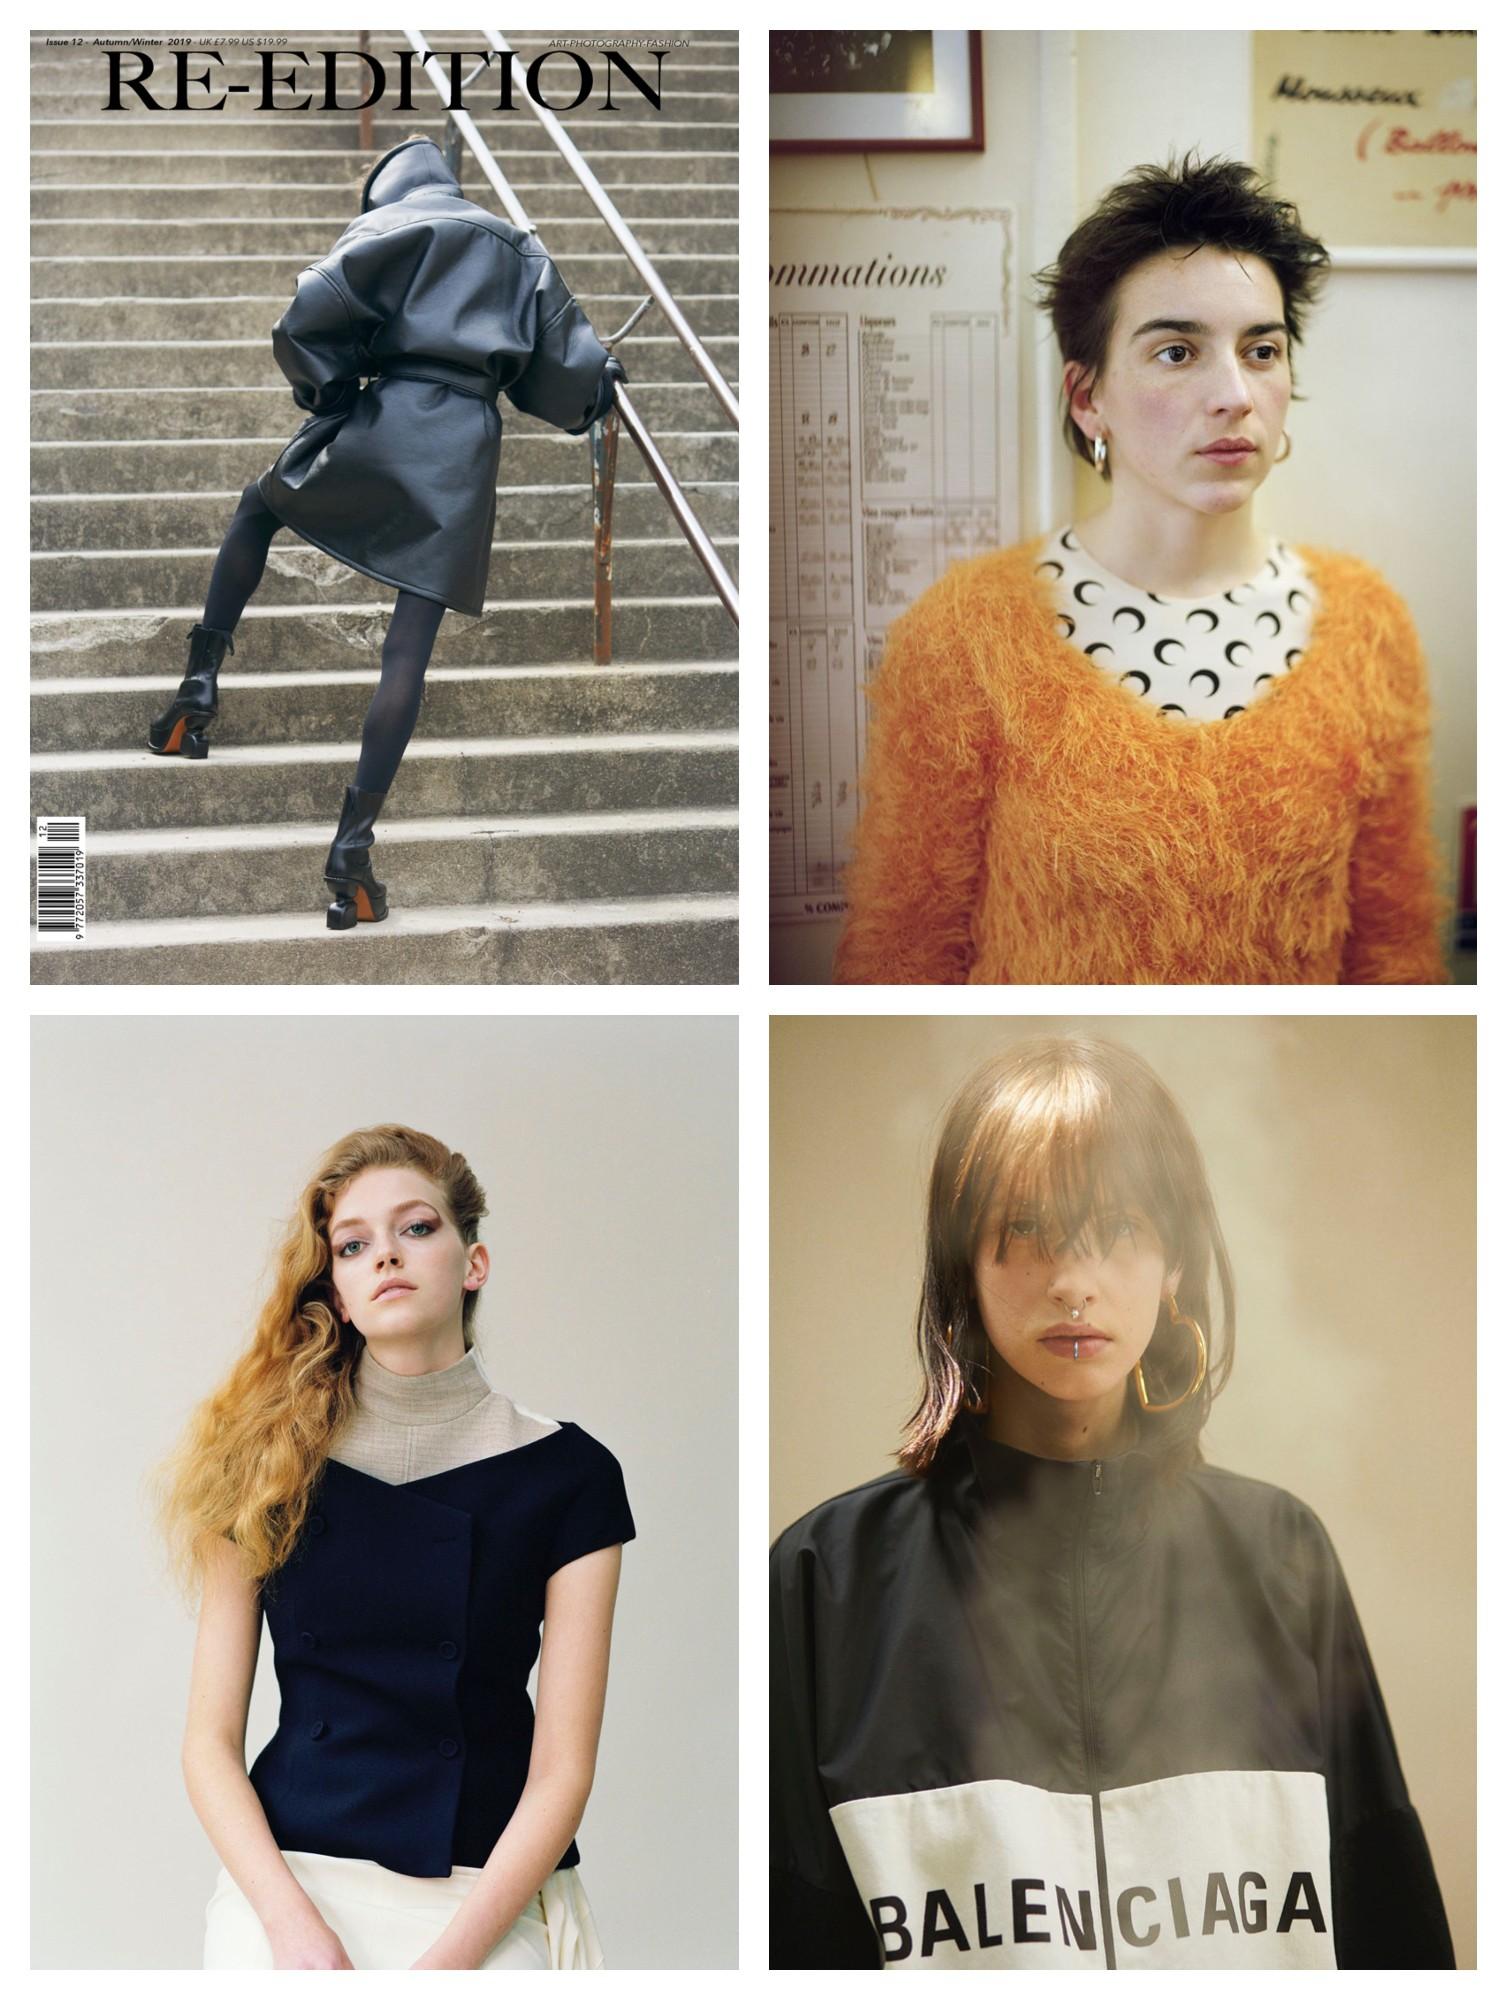 Bilder tatt av Ola Rindal for Re-Edition, Luncheon, Vanity Fair og Balenciaga